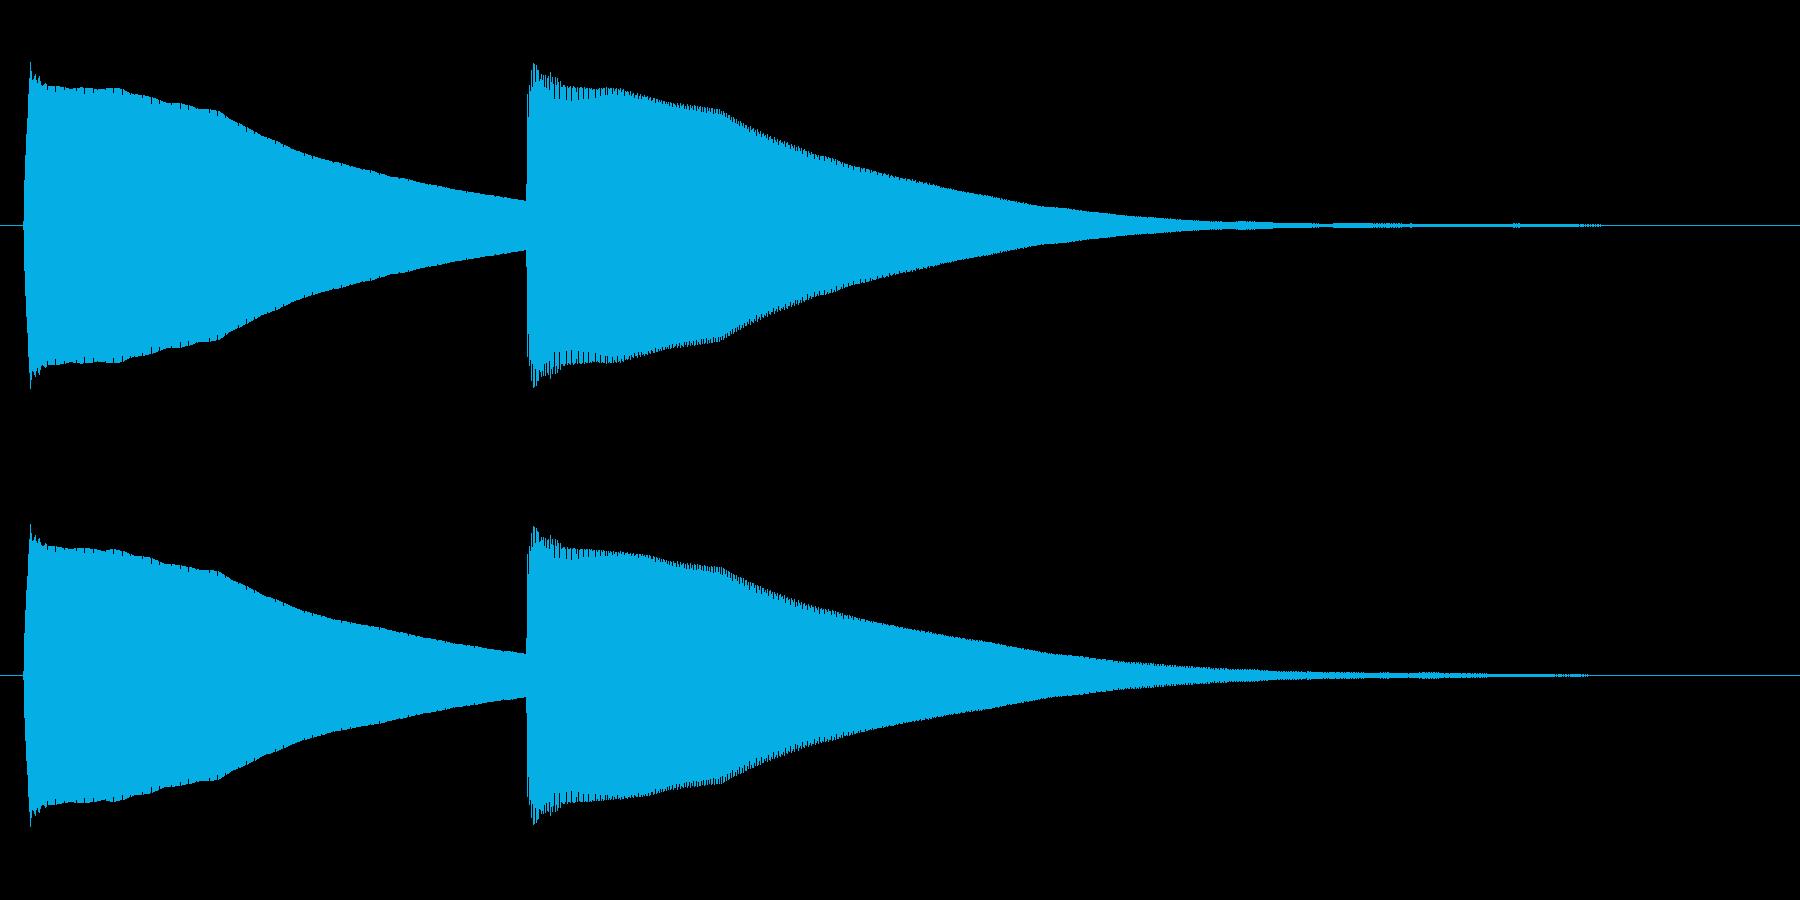 ピーコン(甲高く繊細な電子音)の再生済みの波形